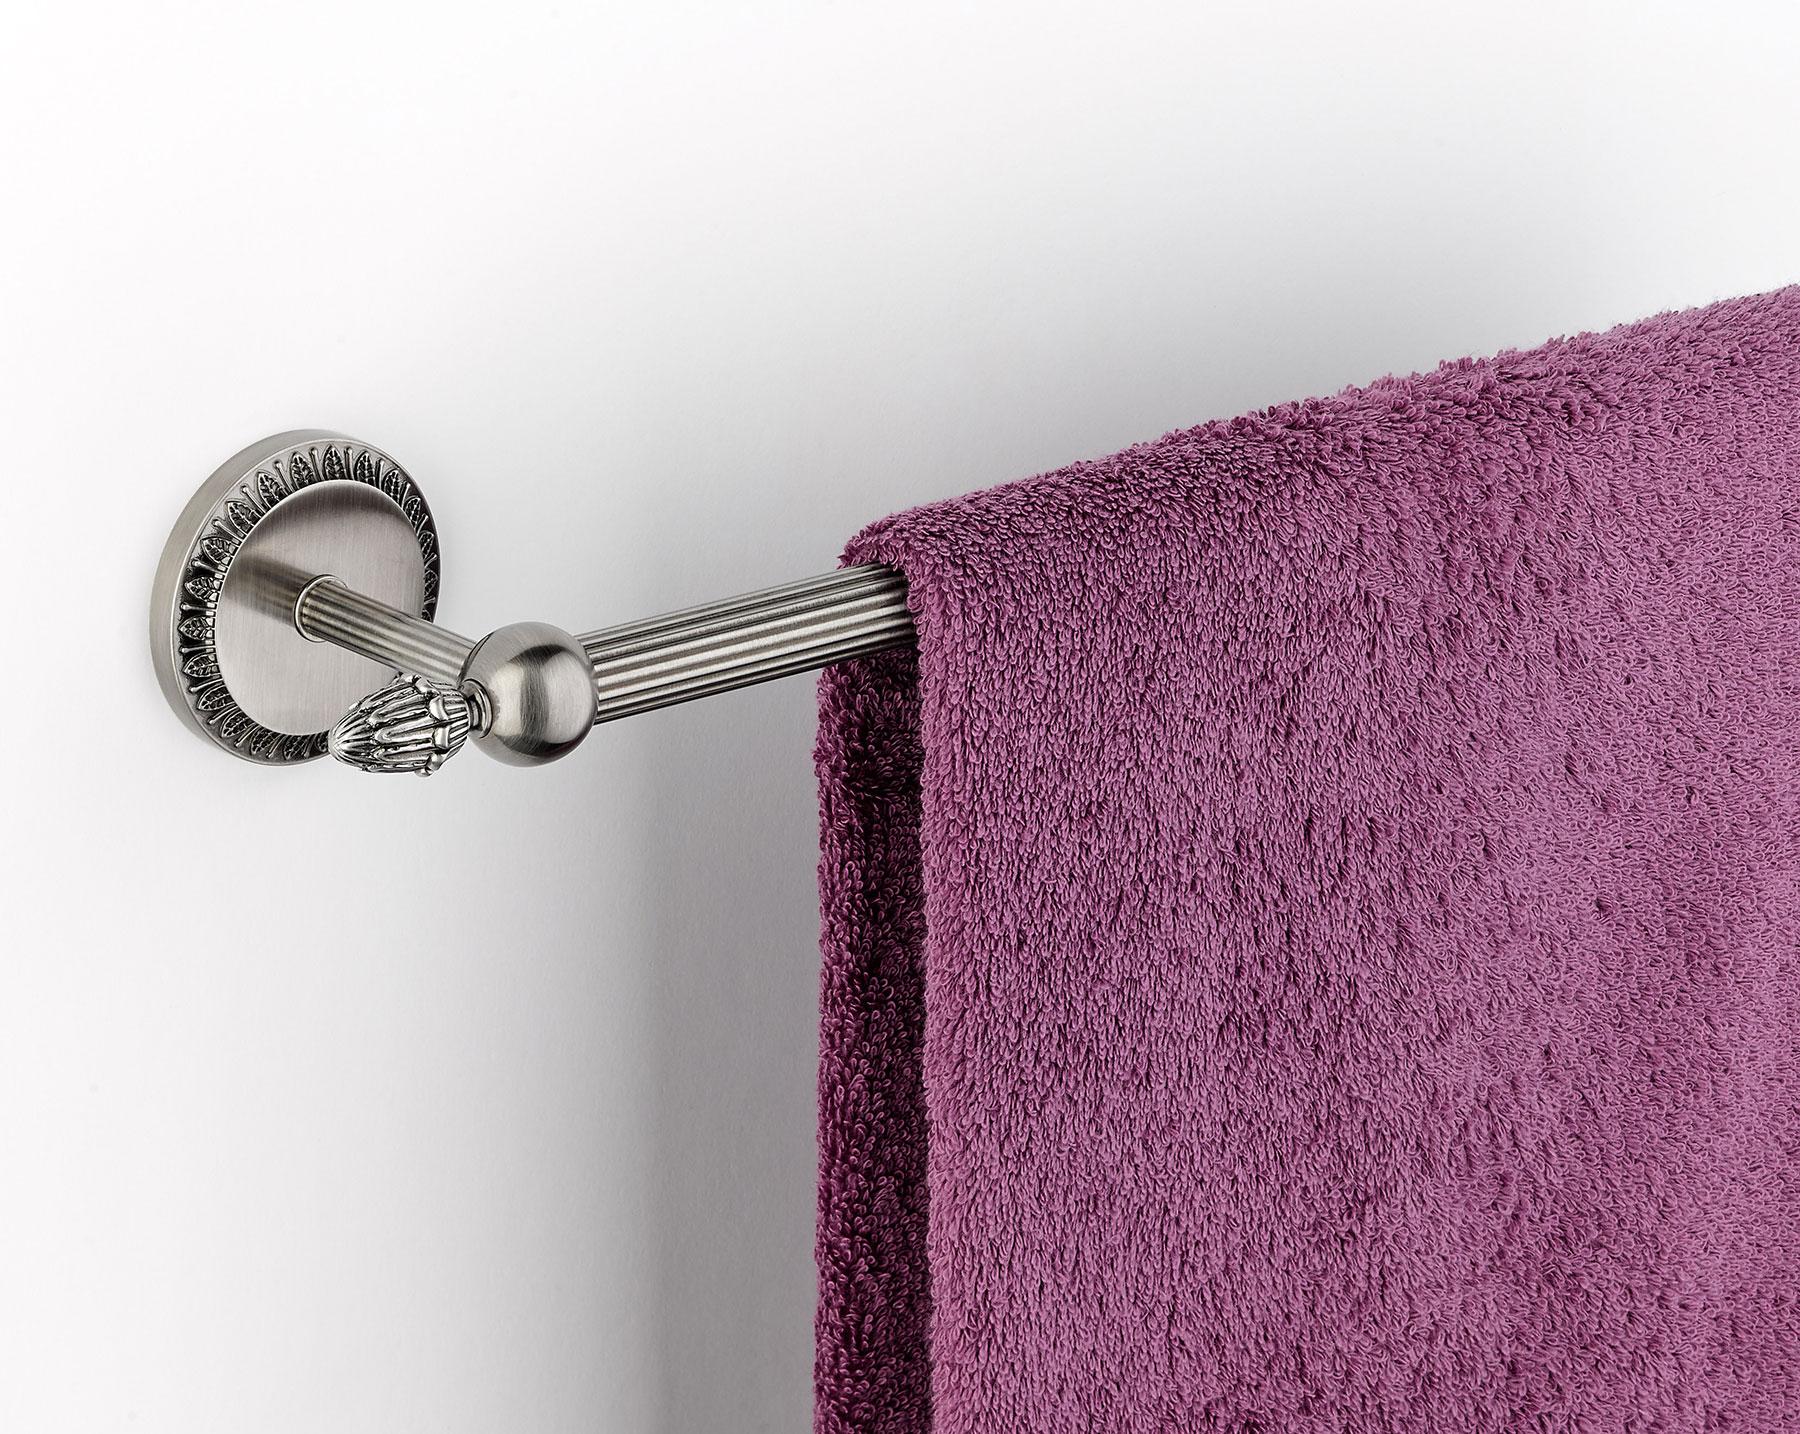 Traditional Malmaison Wall Mount Towel Bar